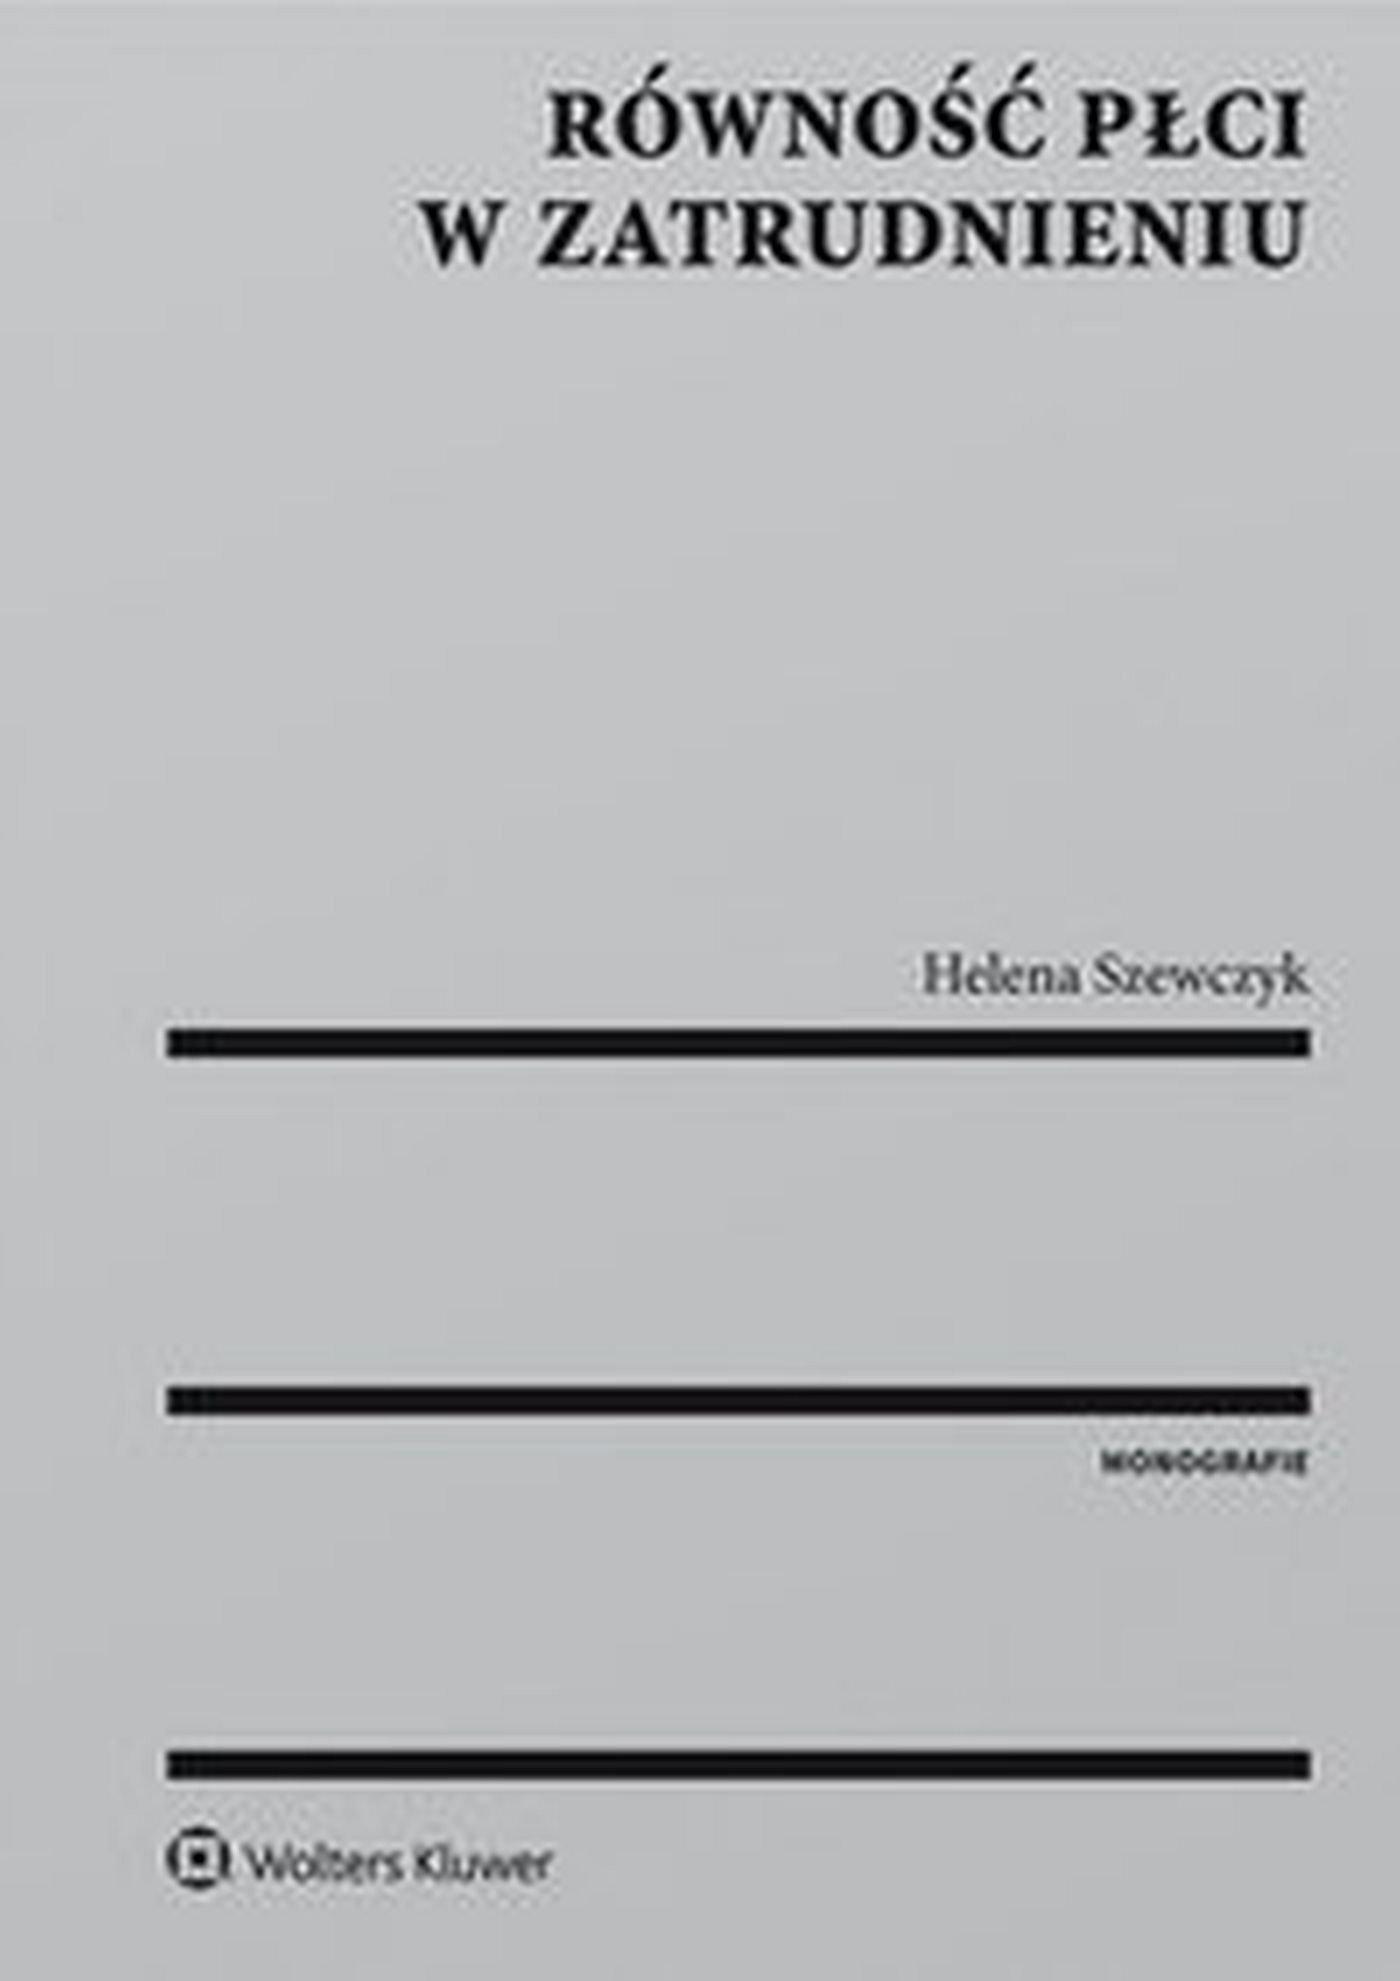 Równość płci w zatrudnieniu - Ebook (Książka EPUB) do pobrania w formacie EPUB